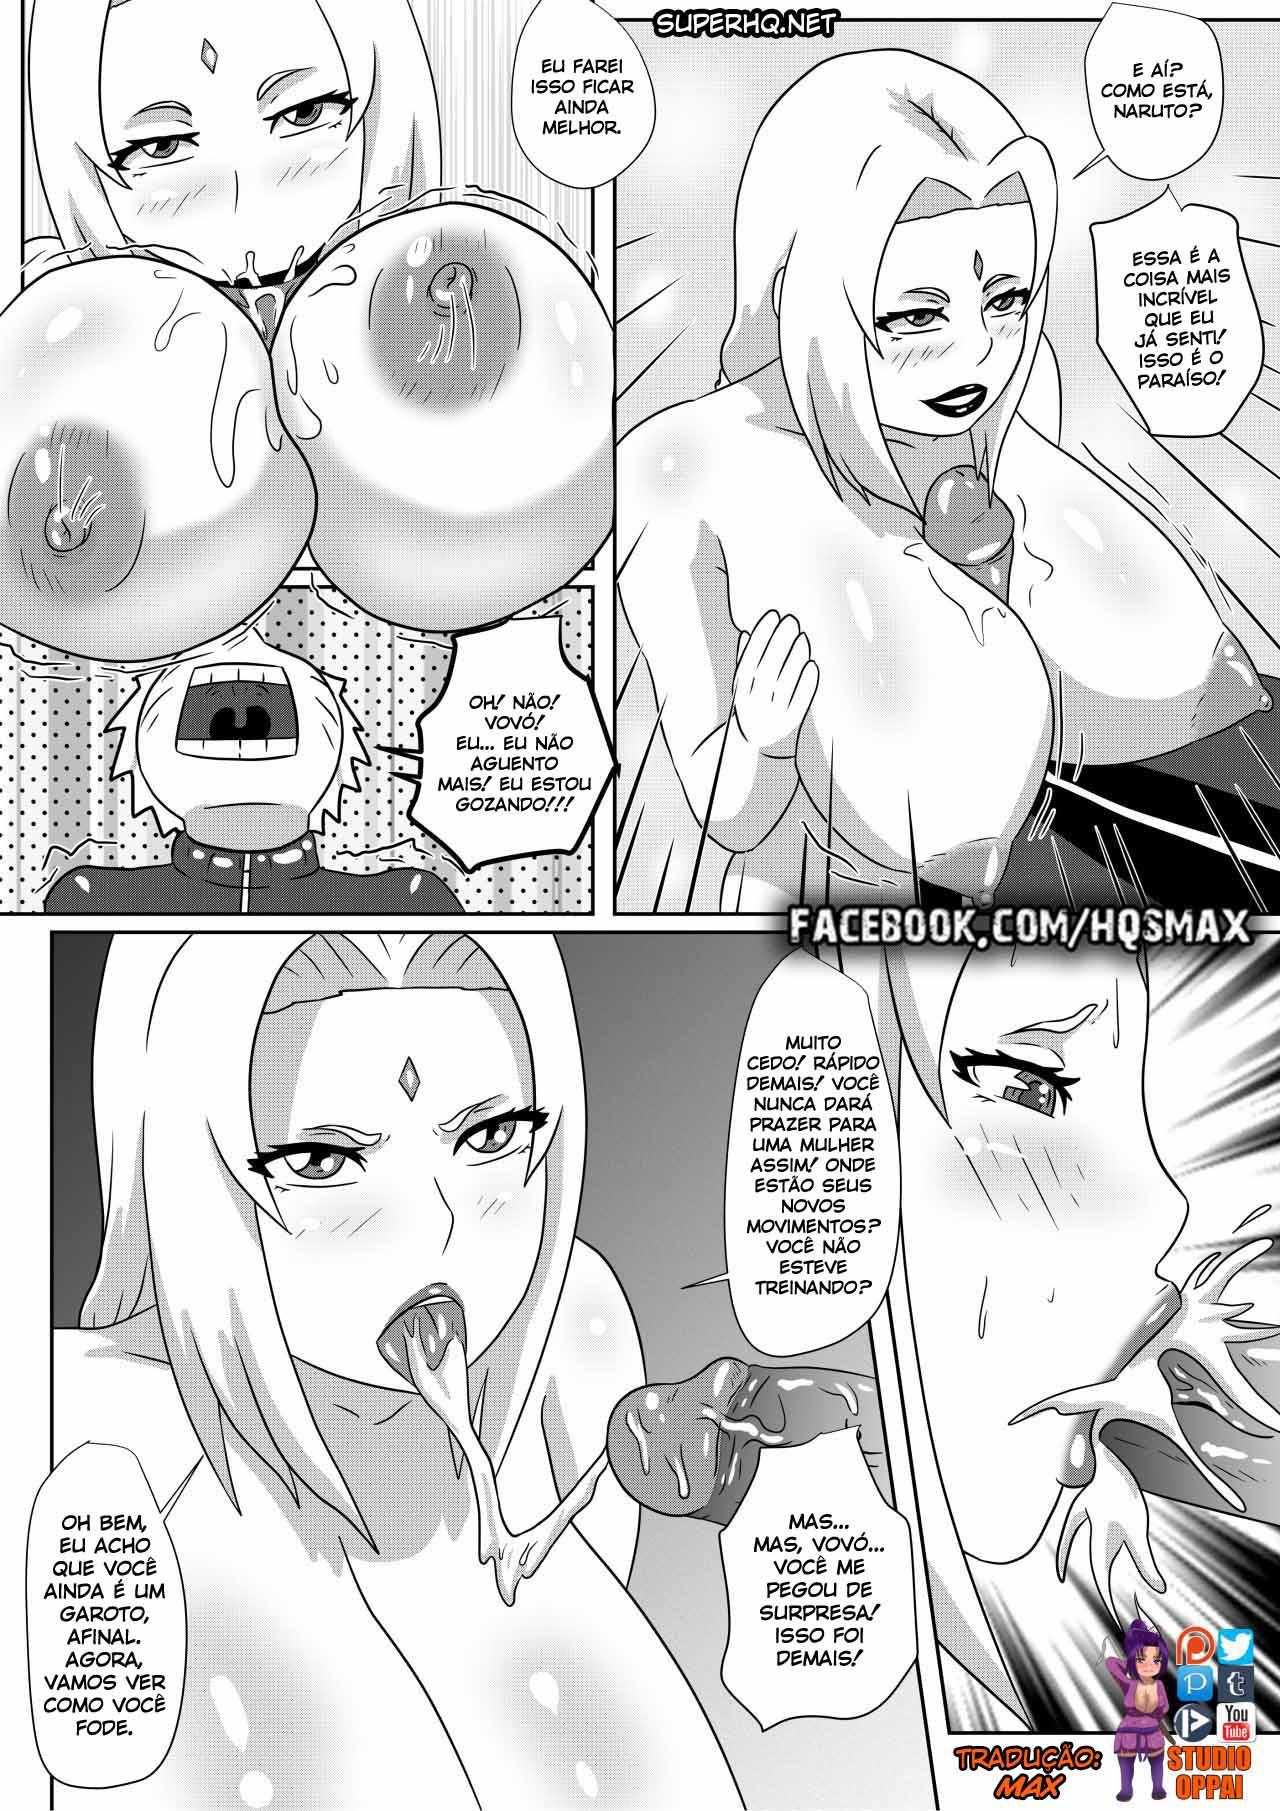 Naruto X Tsunade - Quadrinho Hentai